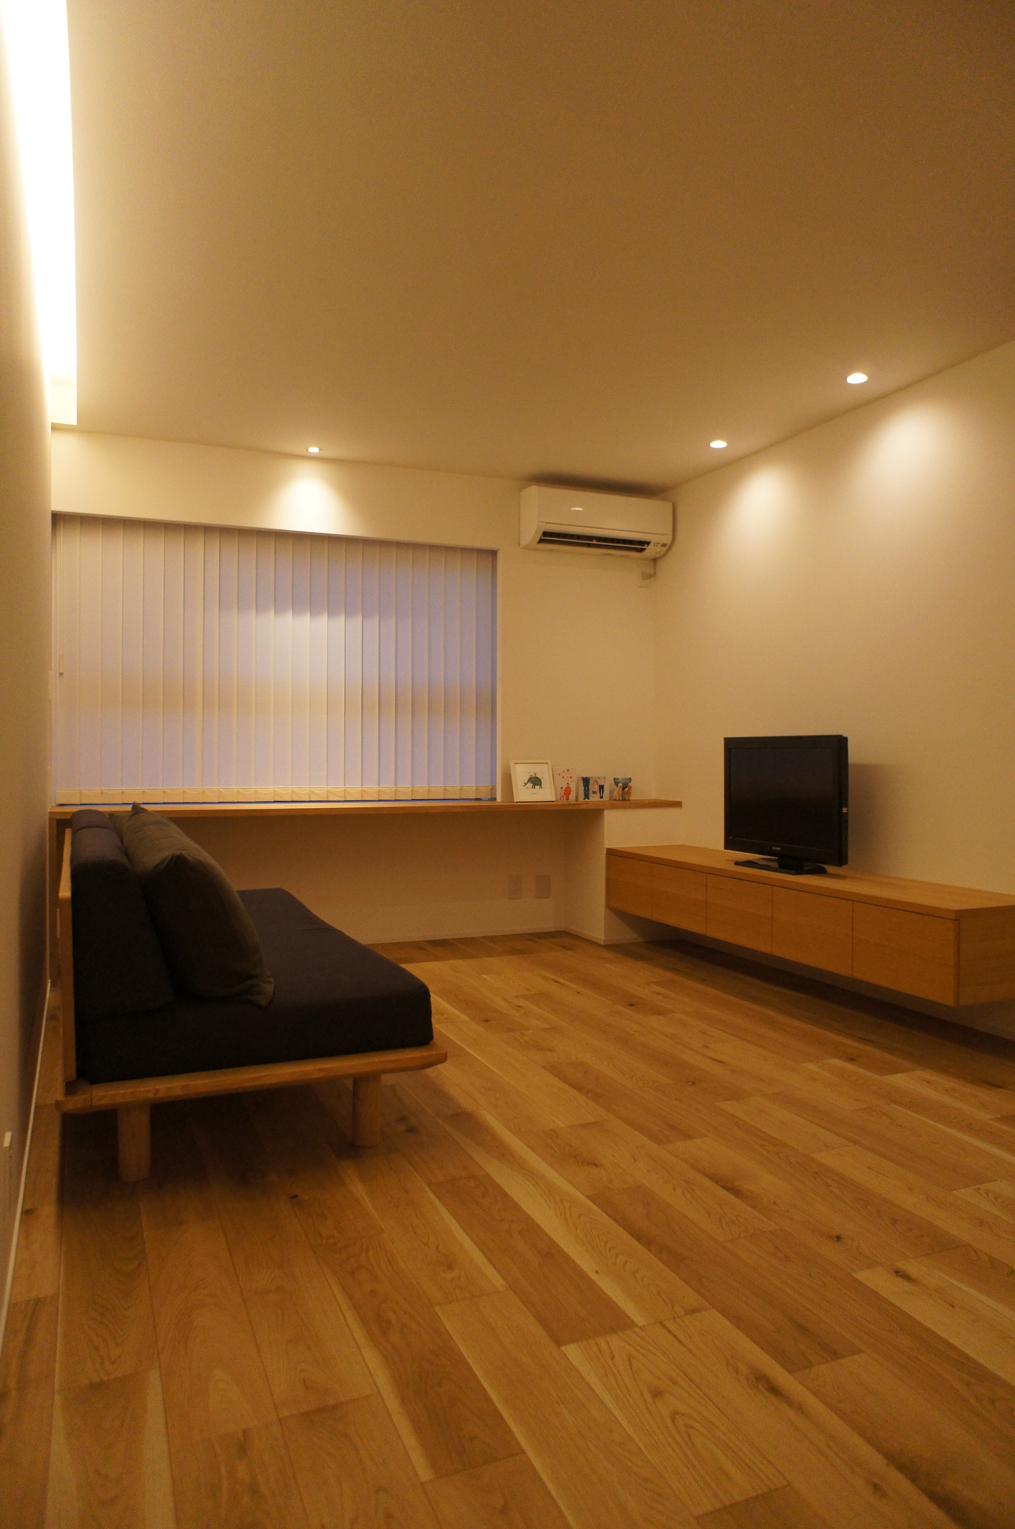 室内はナラの突板でまとめた、シンプルでナチュラルな空間。